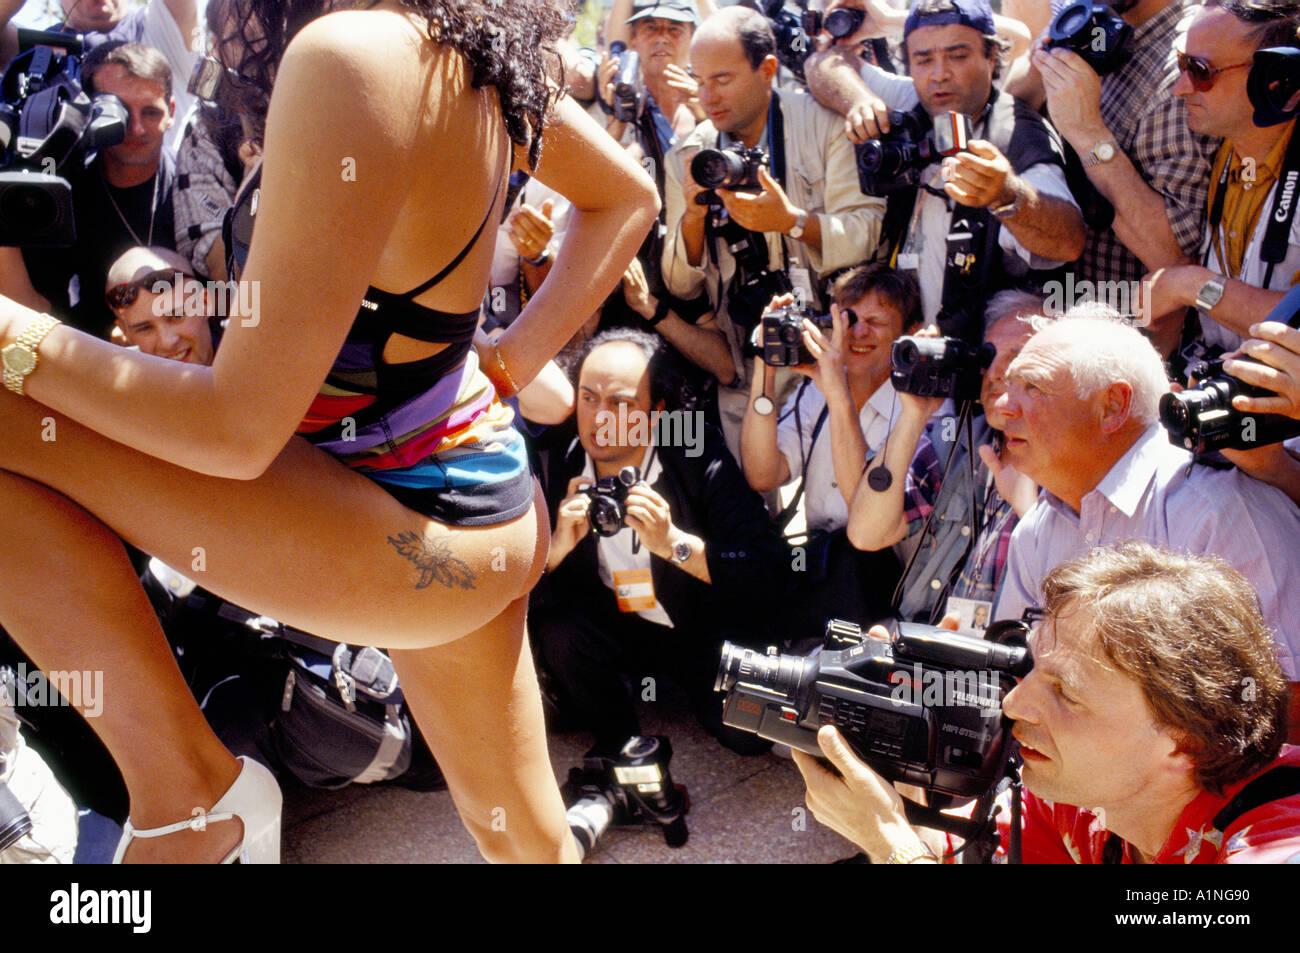 Канны порно фестиваль кино фото 325-334